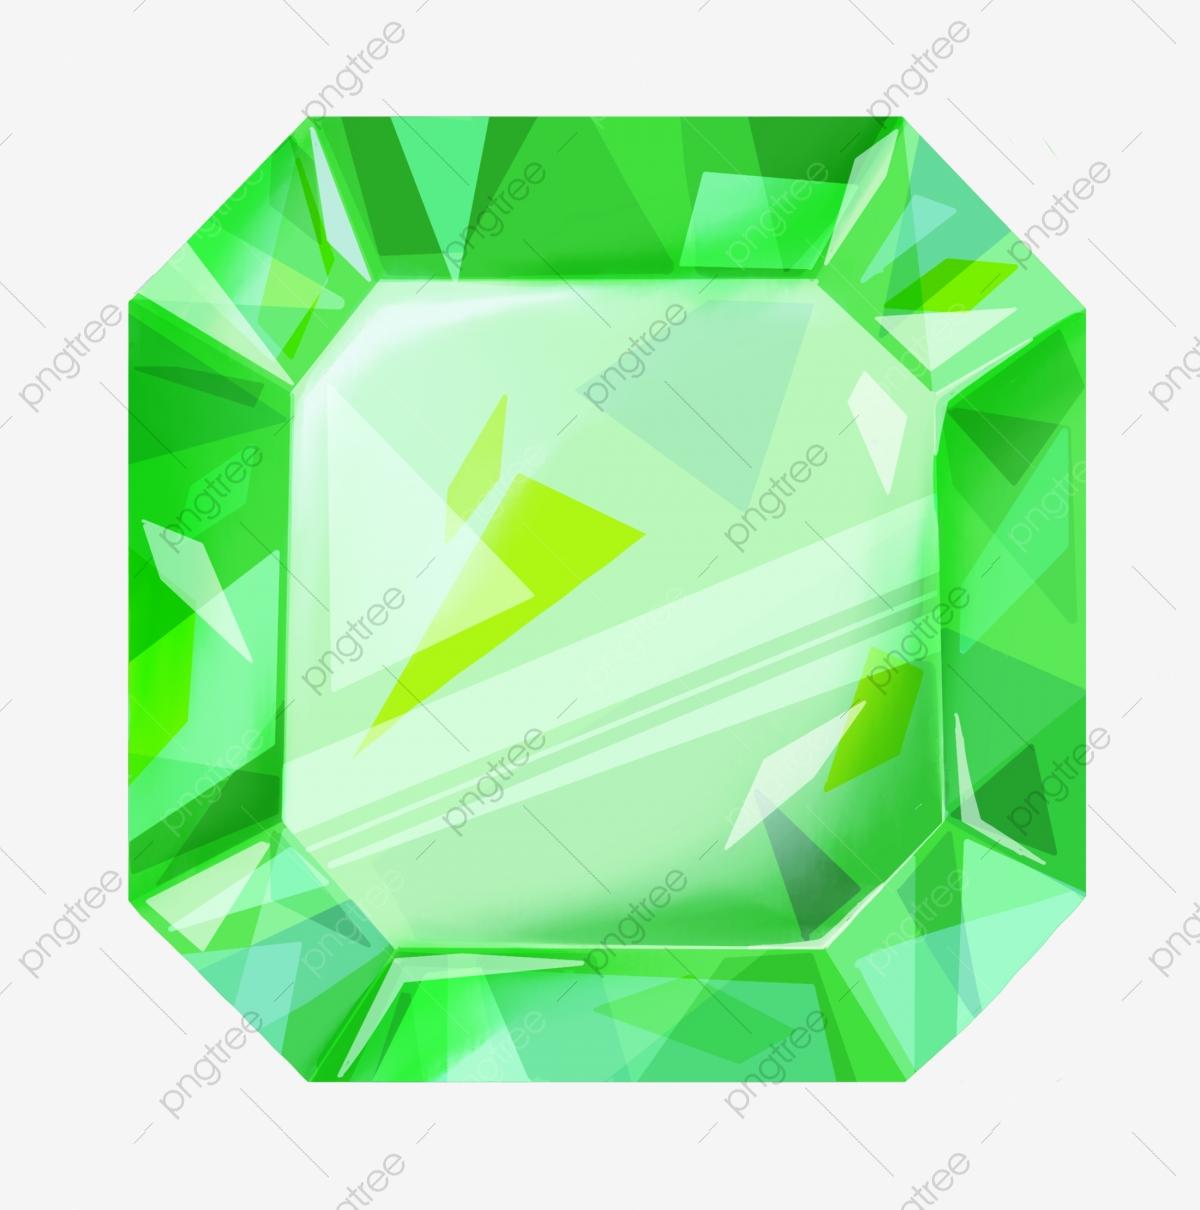 Green gems illustration gemstone. Gem clipart square gem